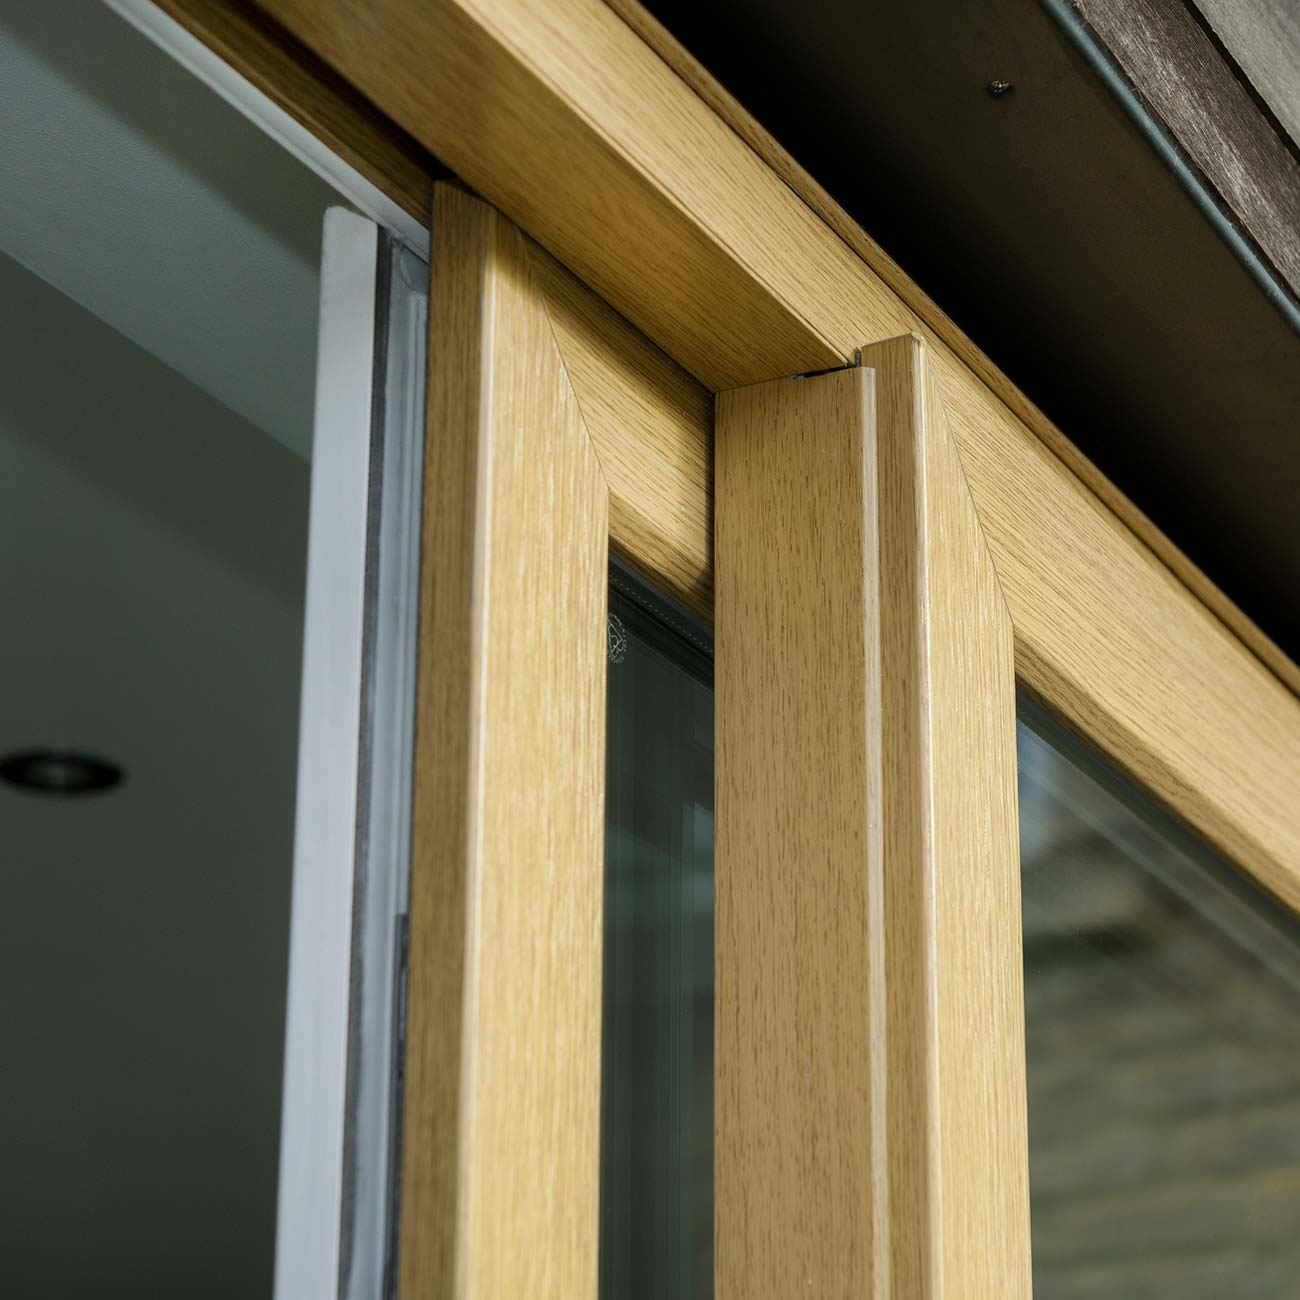 Upvc Sliding Patio Doors >> Deceuninck Patio Door Dekko Window Systems